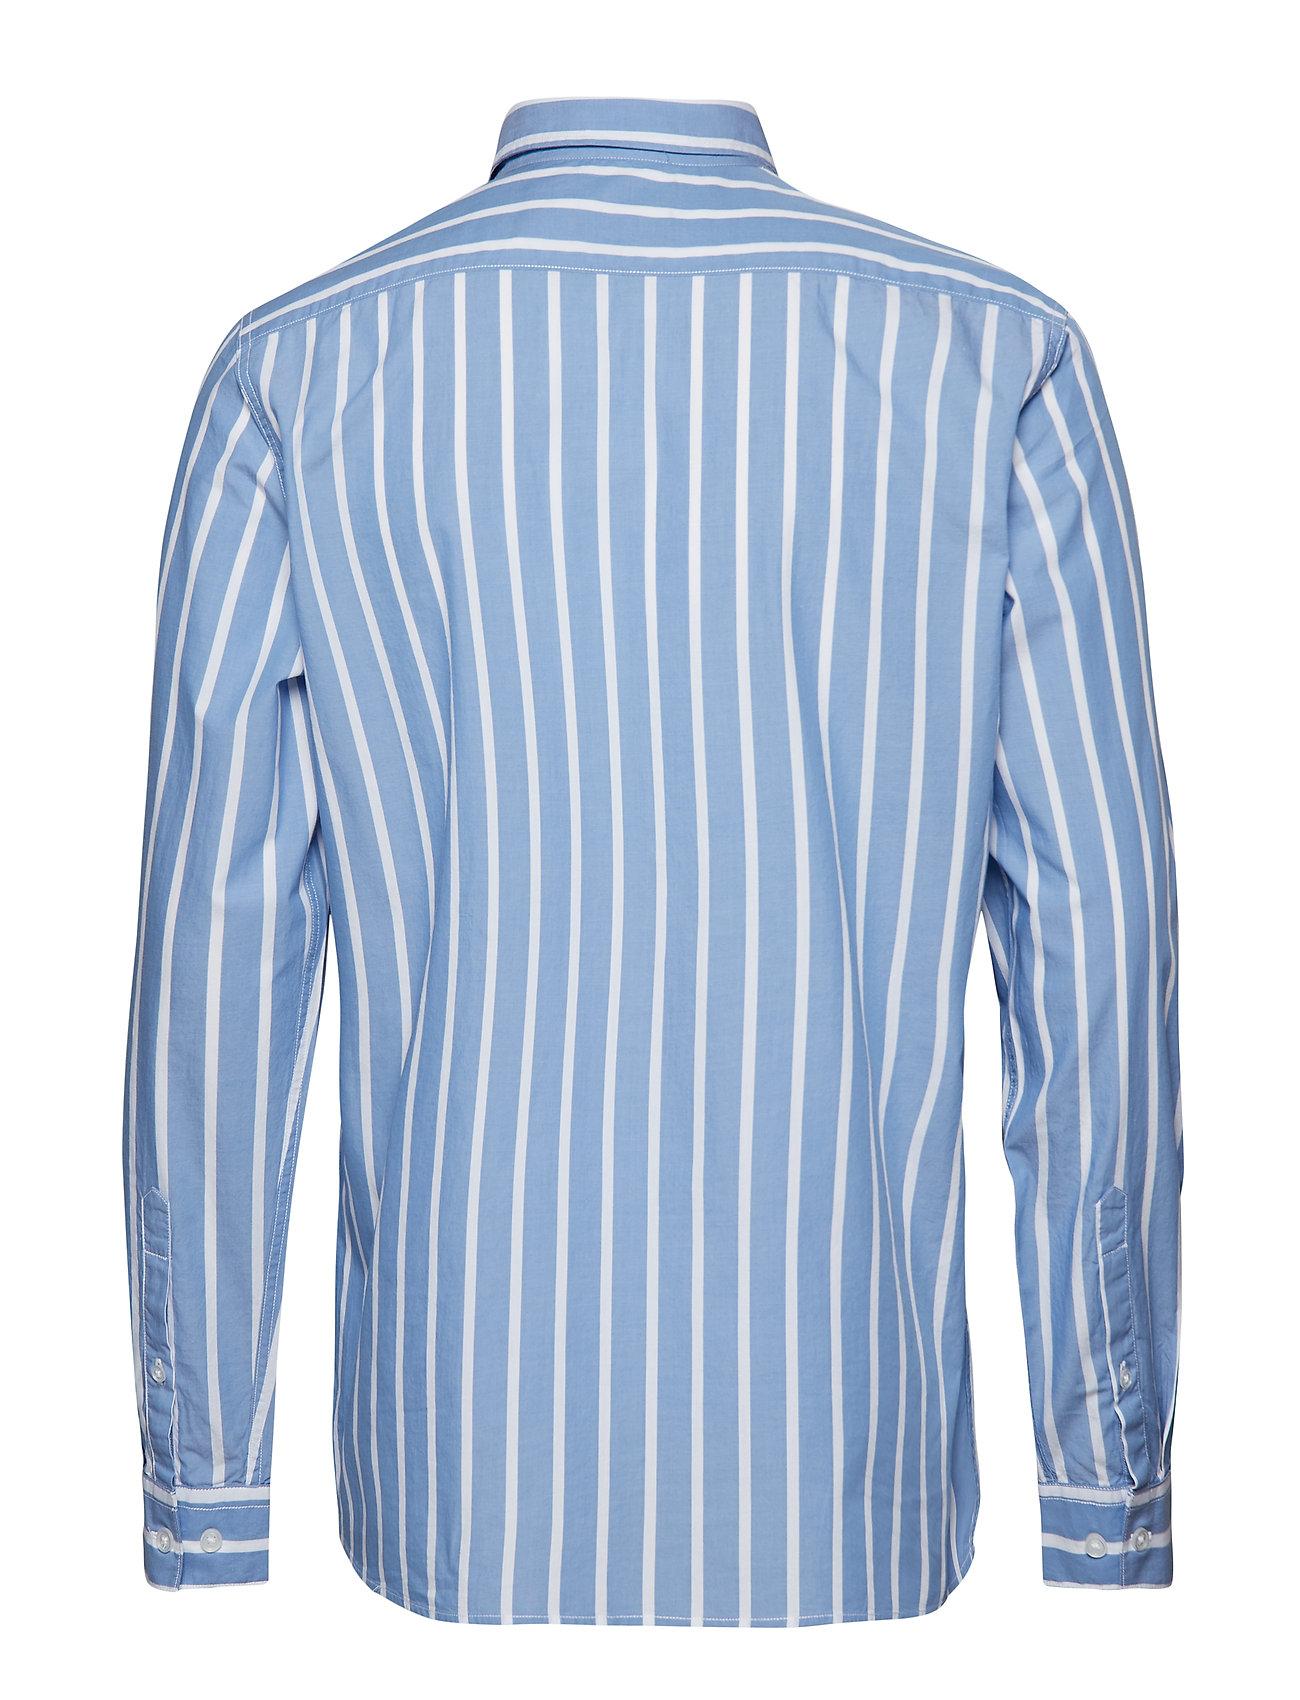 Jeans Part SailorTiger Sweden Strtrue Of KF1TlJc3